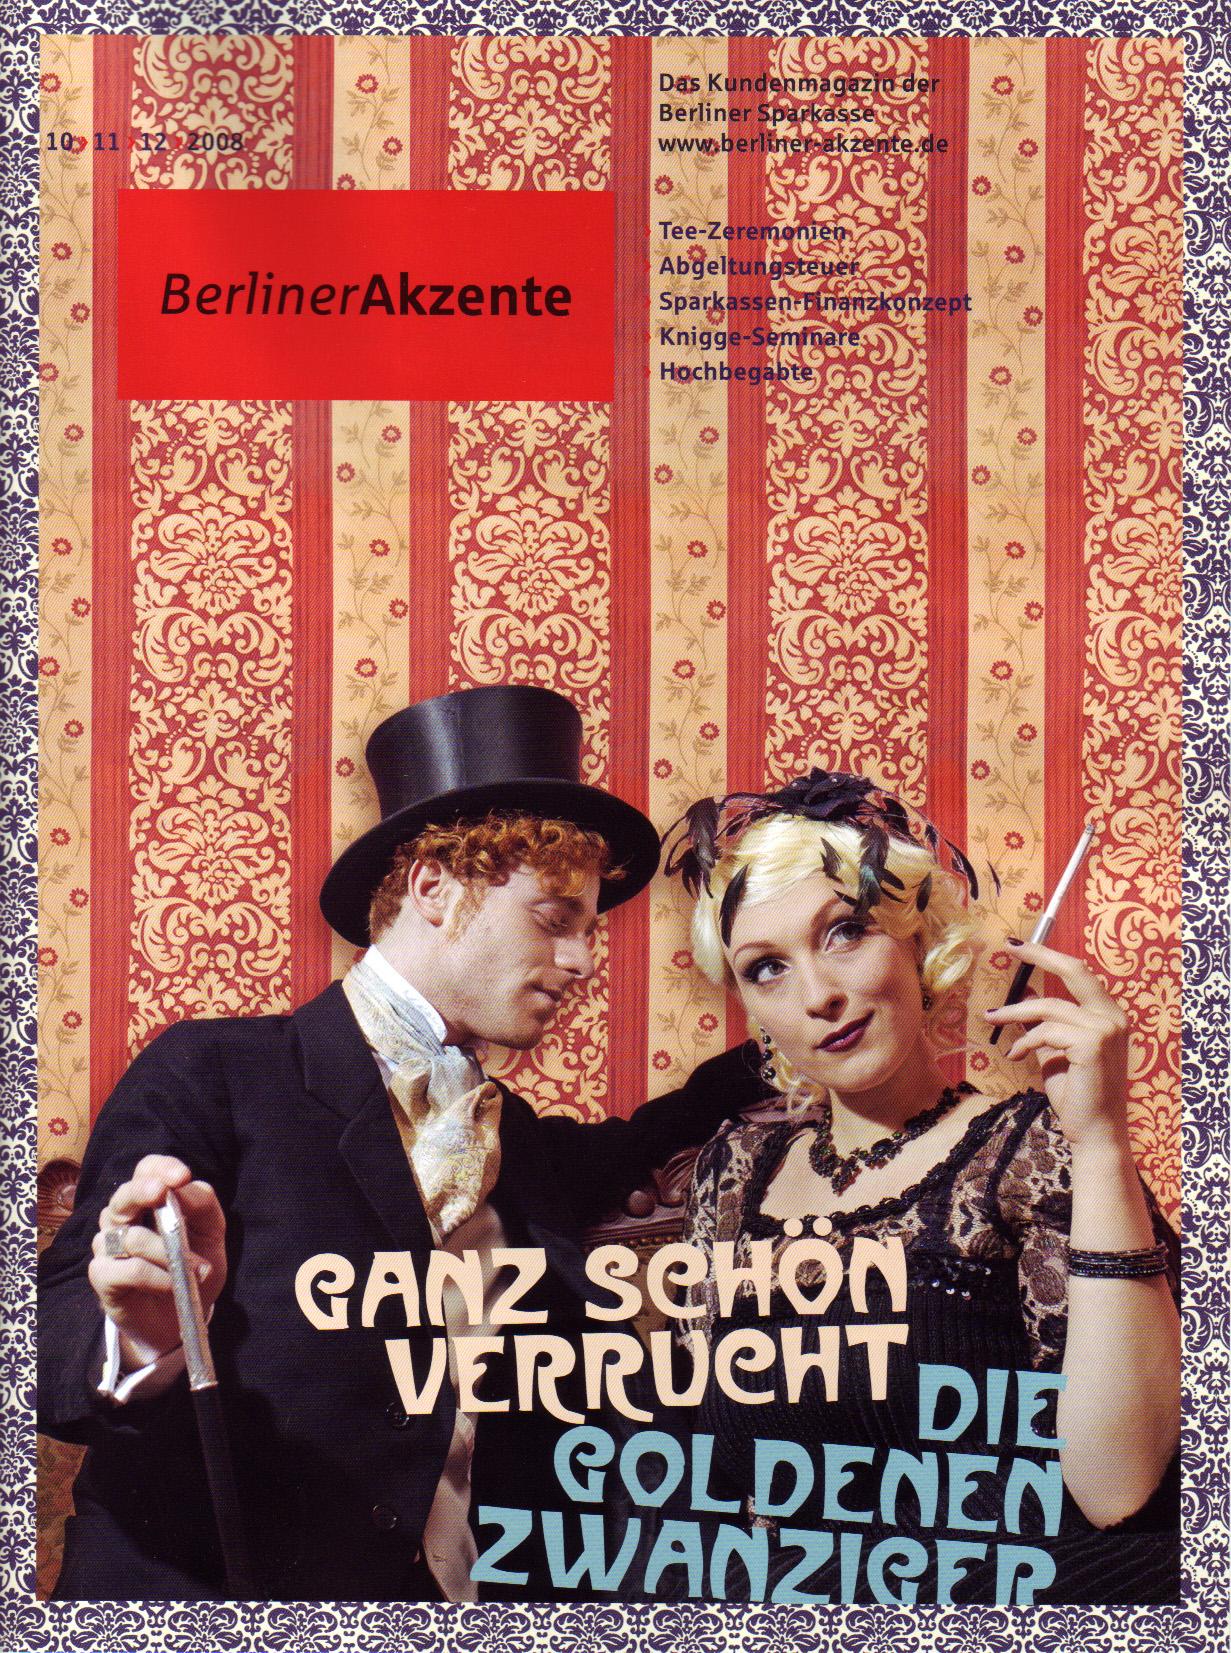 Ausschweifende feste paillettenkleider absinth und zigarettenspitze der geist der zwanzigerjahre weht wieder durch die berliner partylandschaft